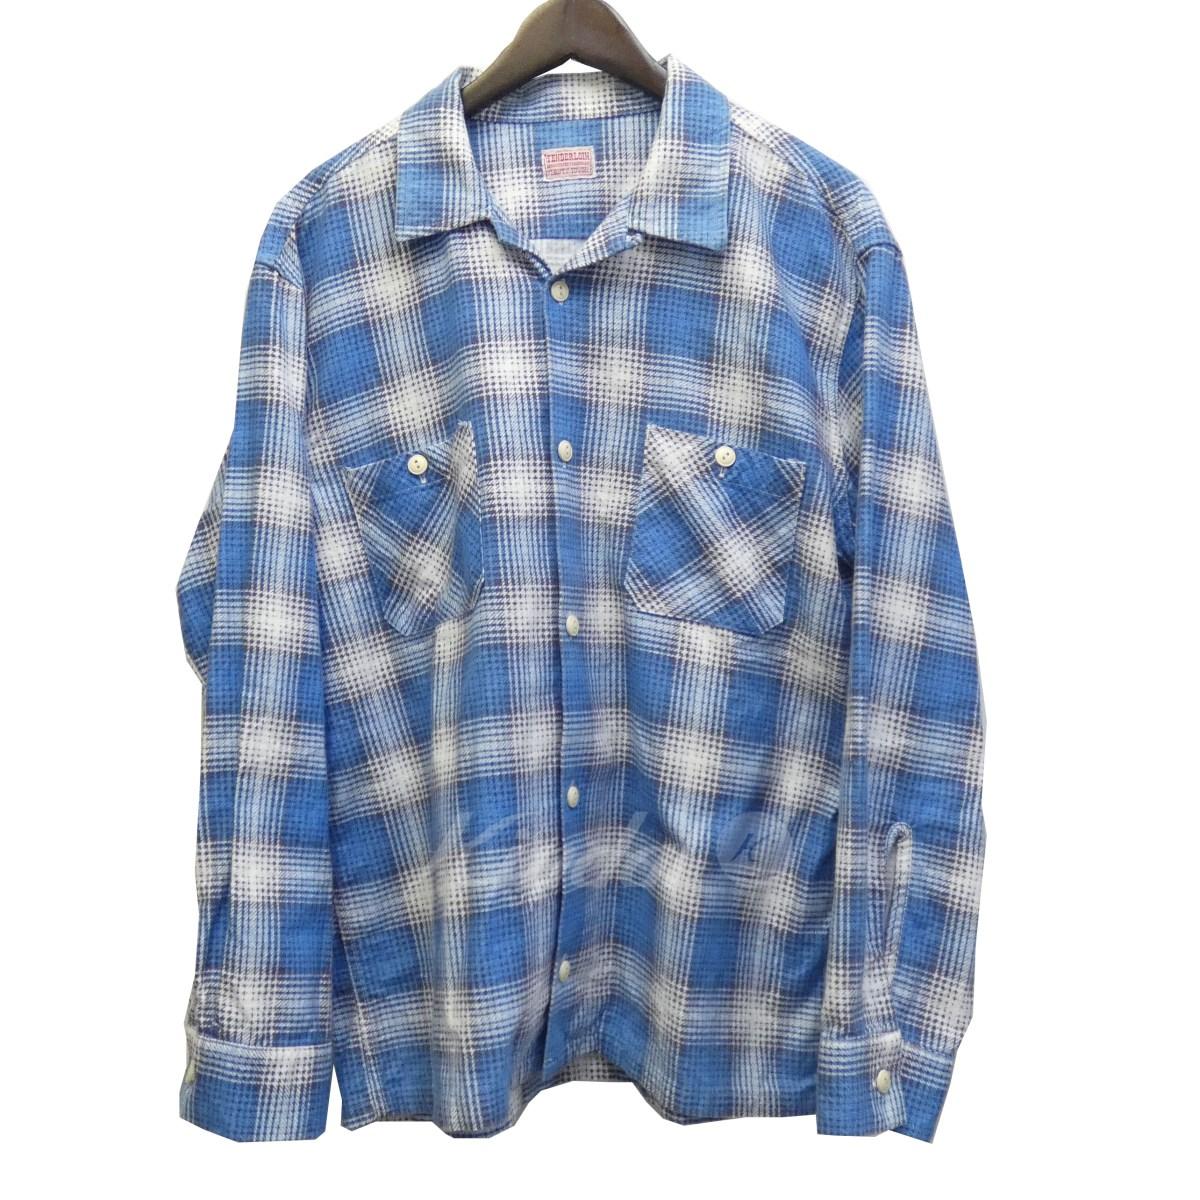 【中古】TENDERLOIN コットンチェックシャツ ブルー×ホワイト サイズ:M 【送料無料】 【310818】(テンダーロイン)